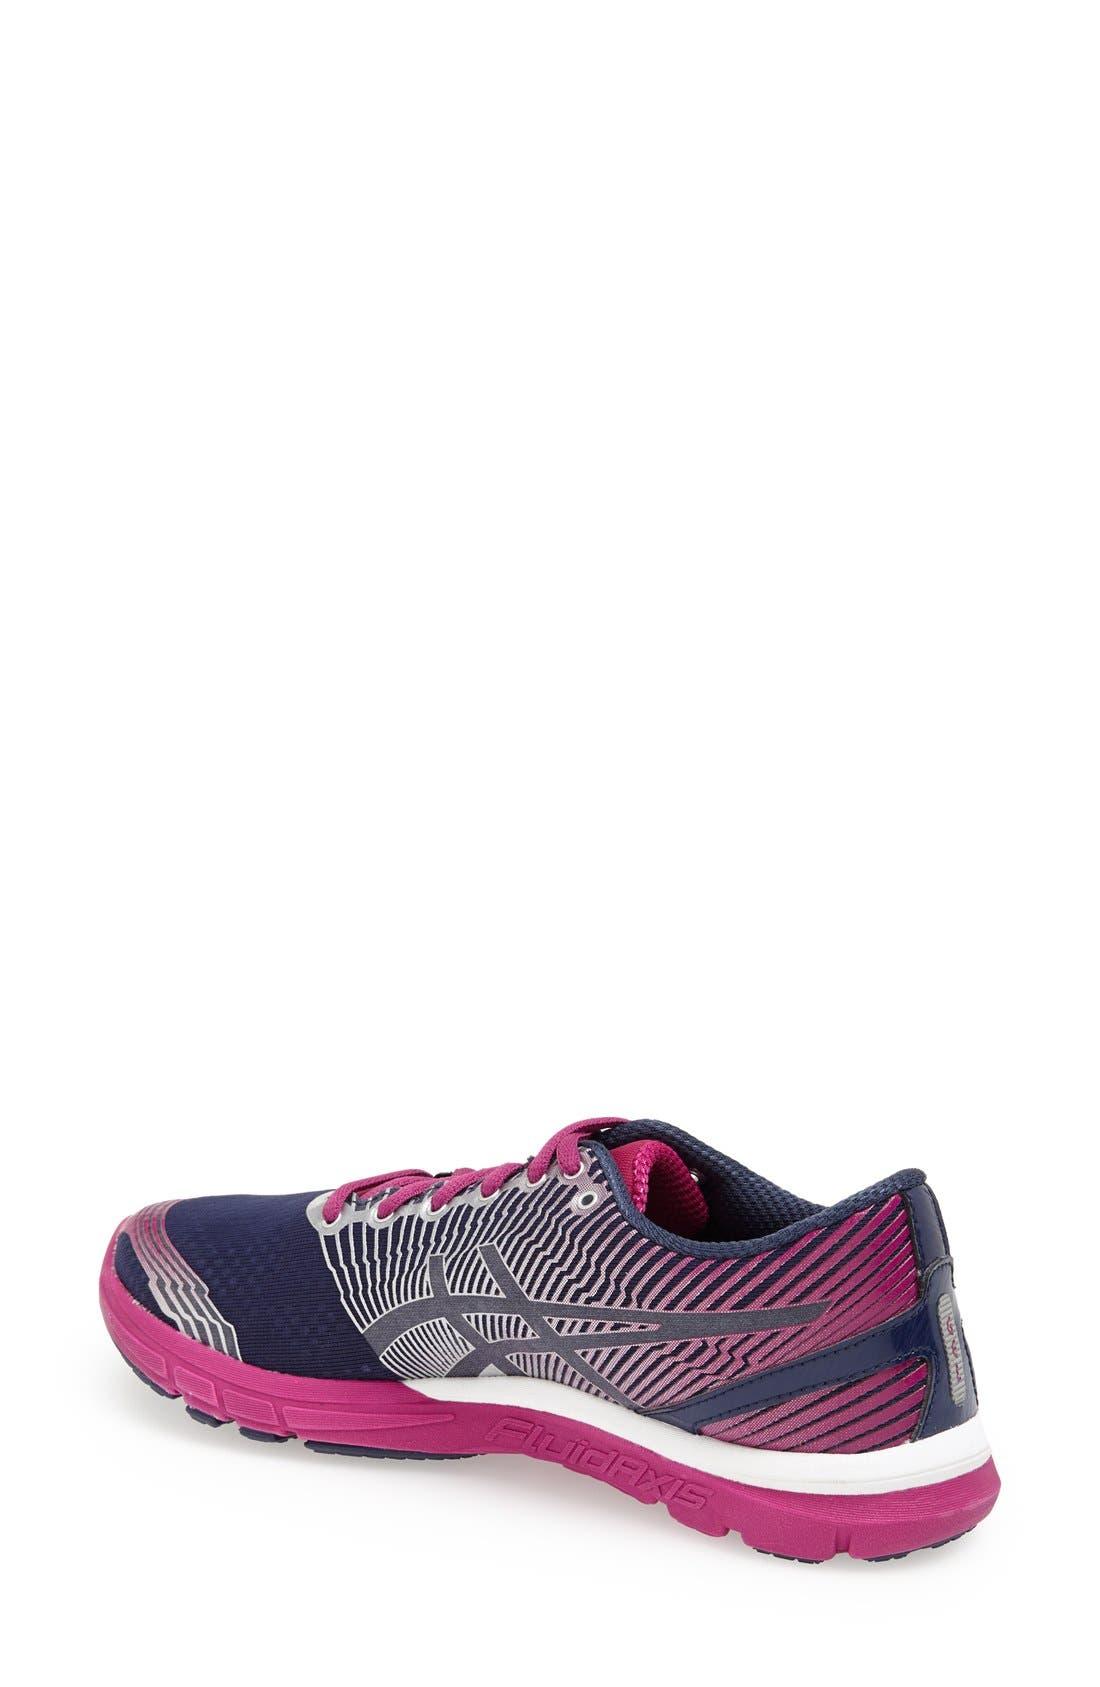 Alternate Image 2  - ASICS® 'GEL-Lyte 33 3.0' Running Shoe (Women) (Regular Retail Price: $84.95)